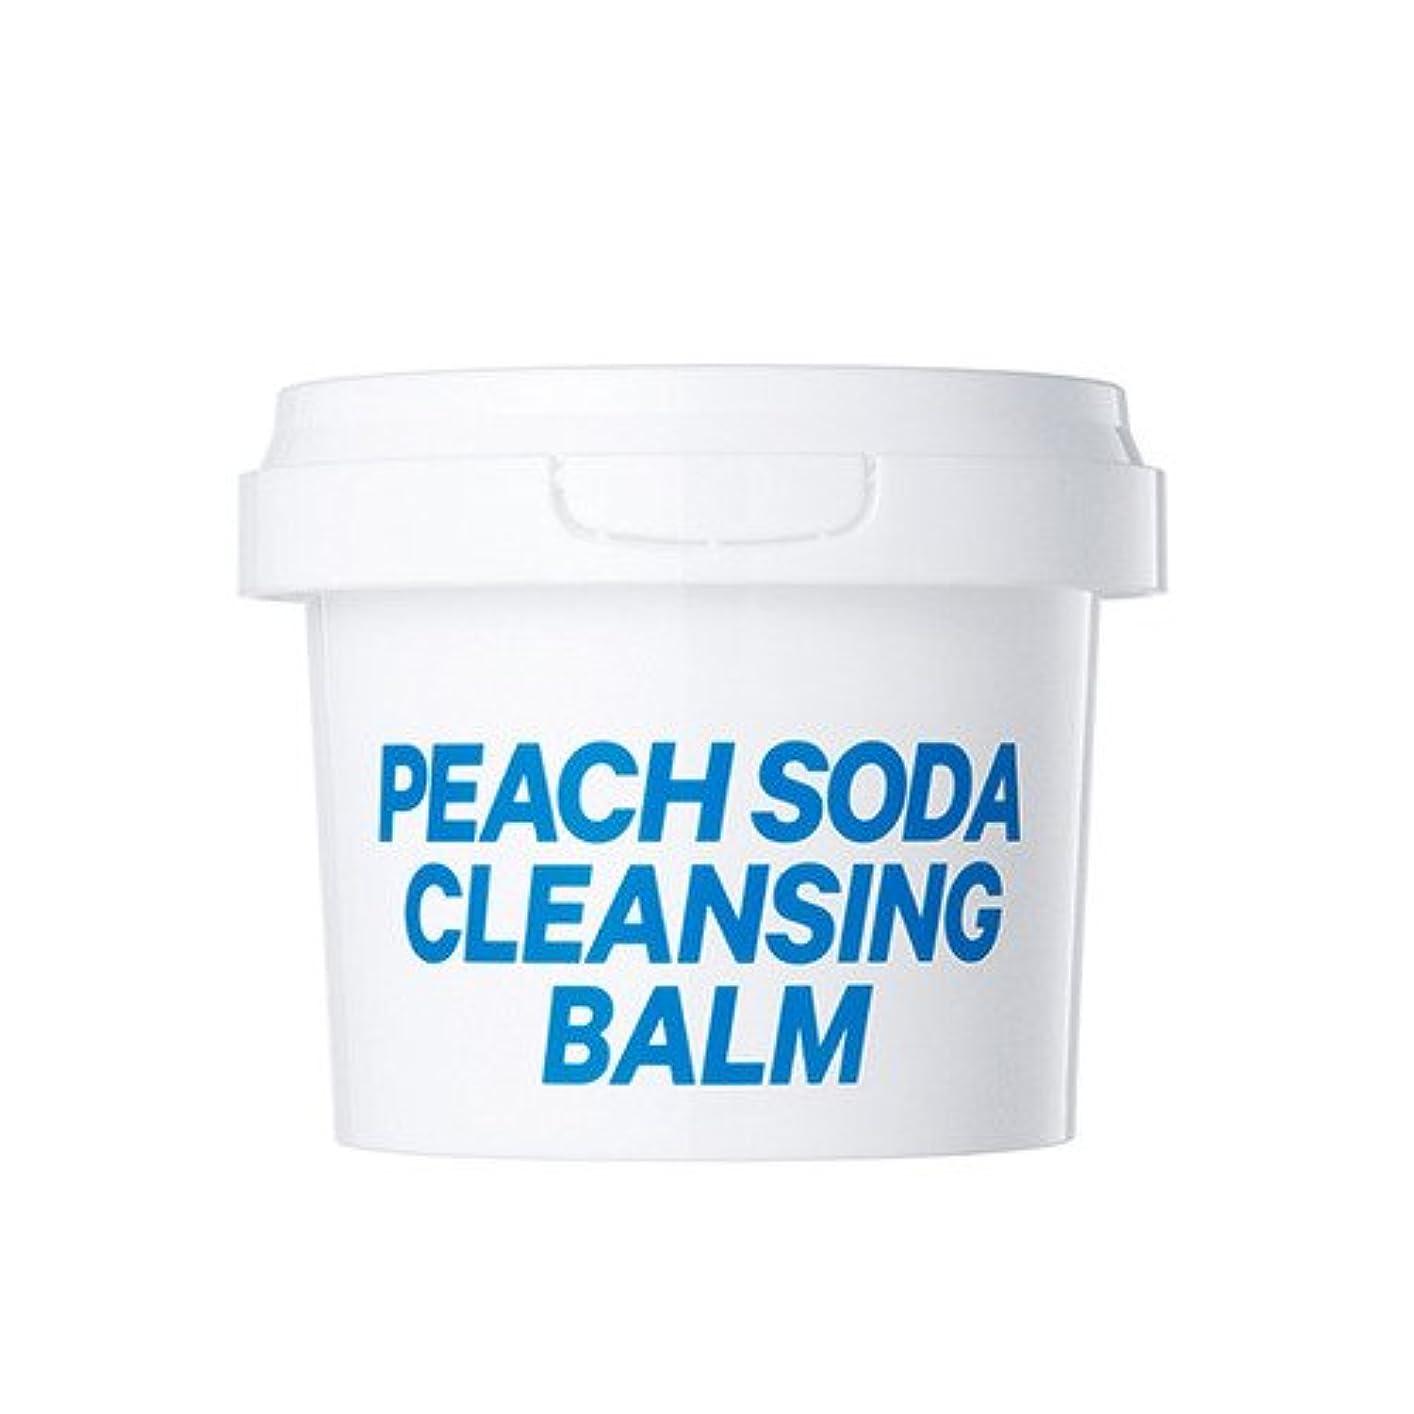 ノベルティ結果実際の16brand Sixteen Peach Soda Cleansing Balm 110g/16ブランド シックスティーン ピーチ ソーダ クレンジング バーム 110g [並行輸入品]